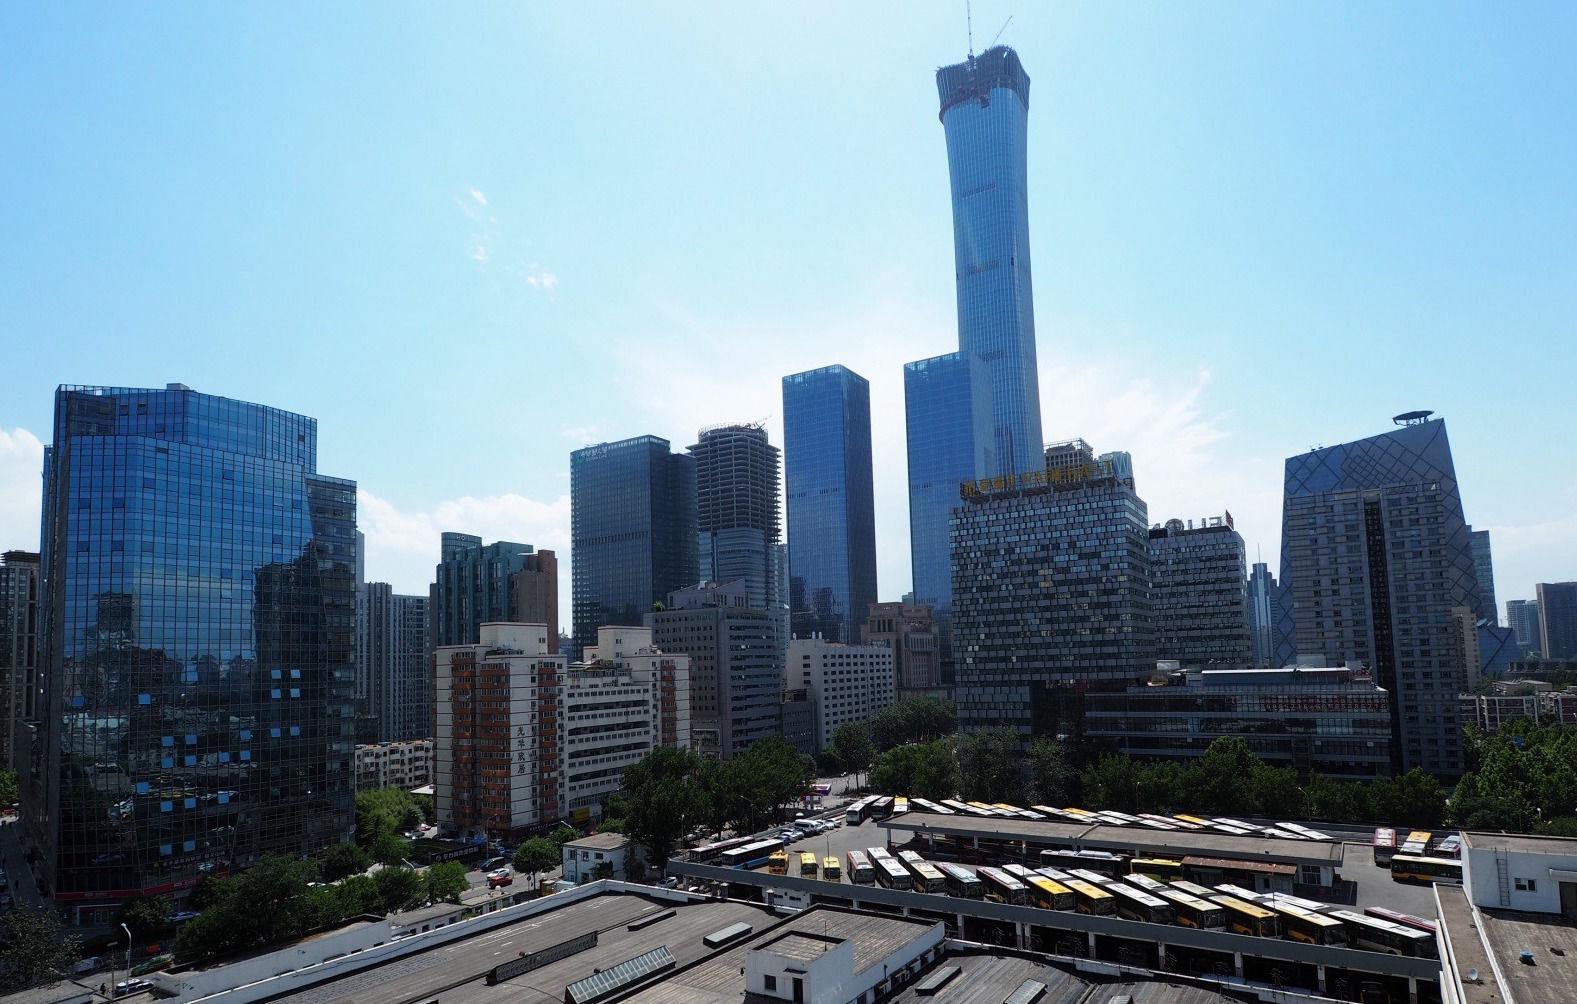 2017年8月18日,中国尊塔冠钢结构吊装完成,外框106层混凝土浇筑浇筑